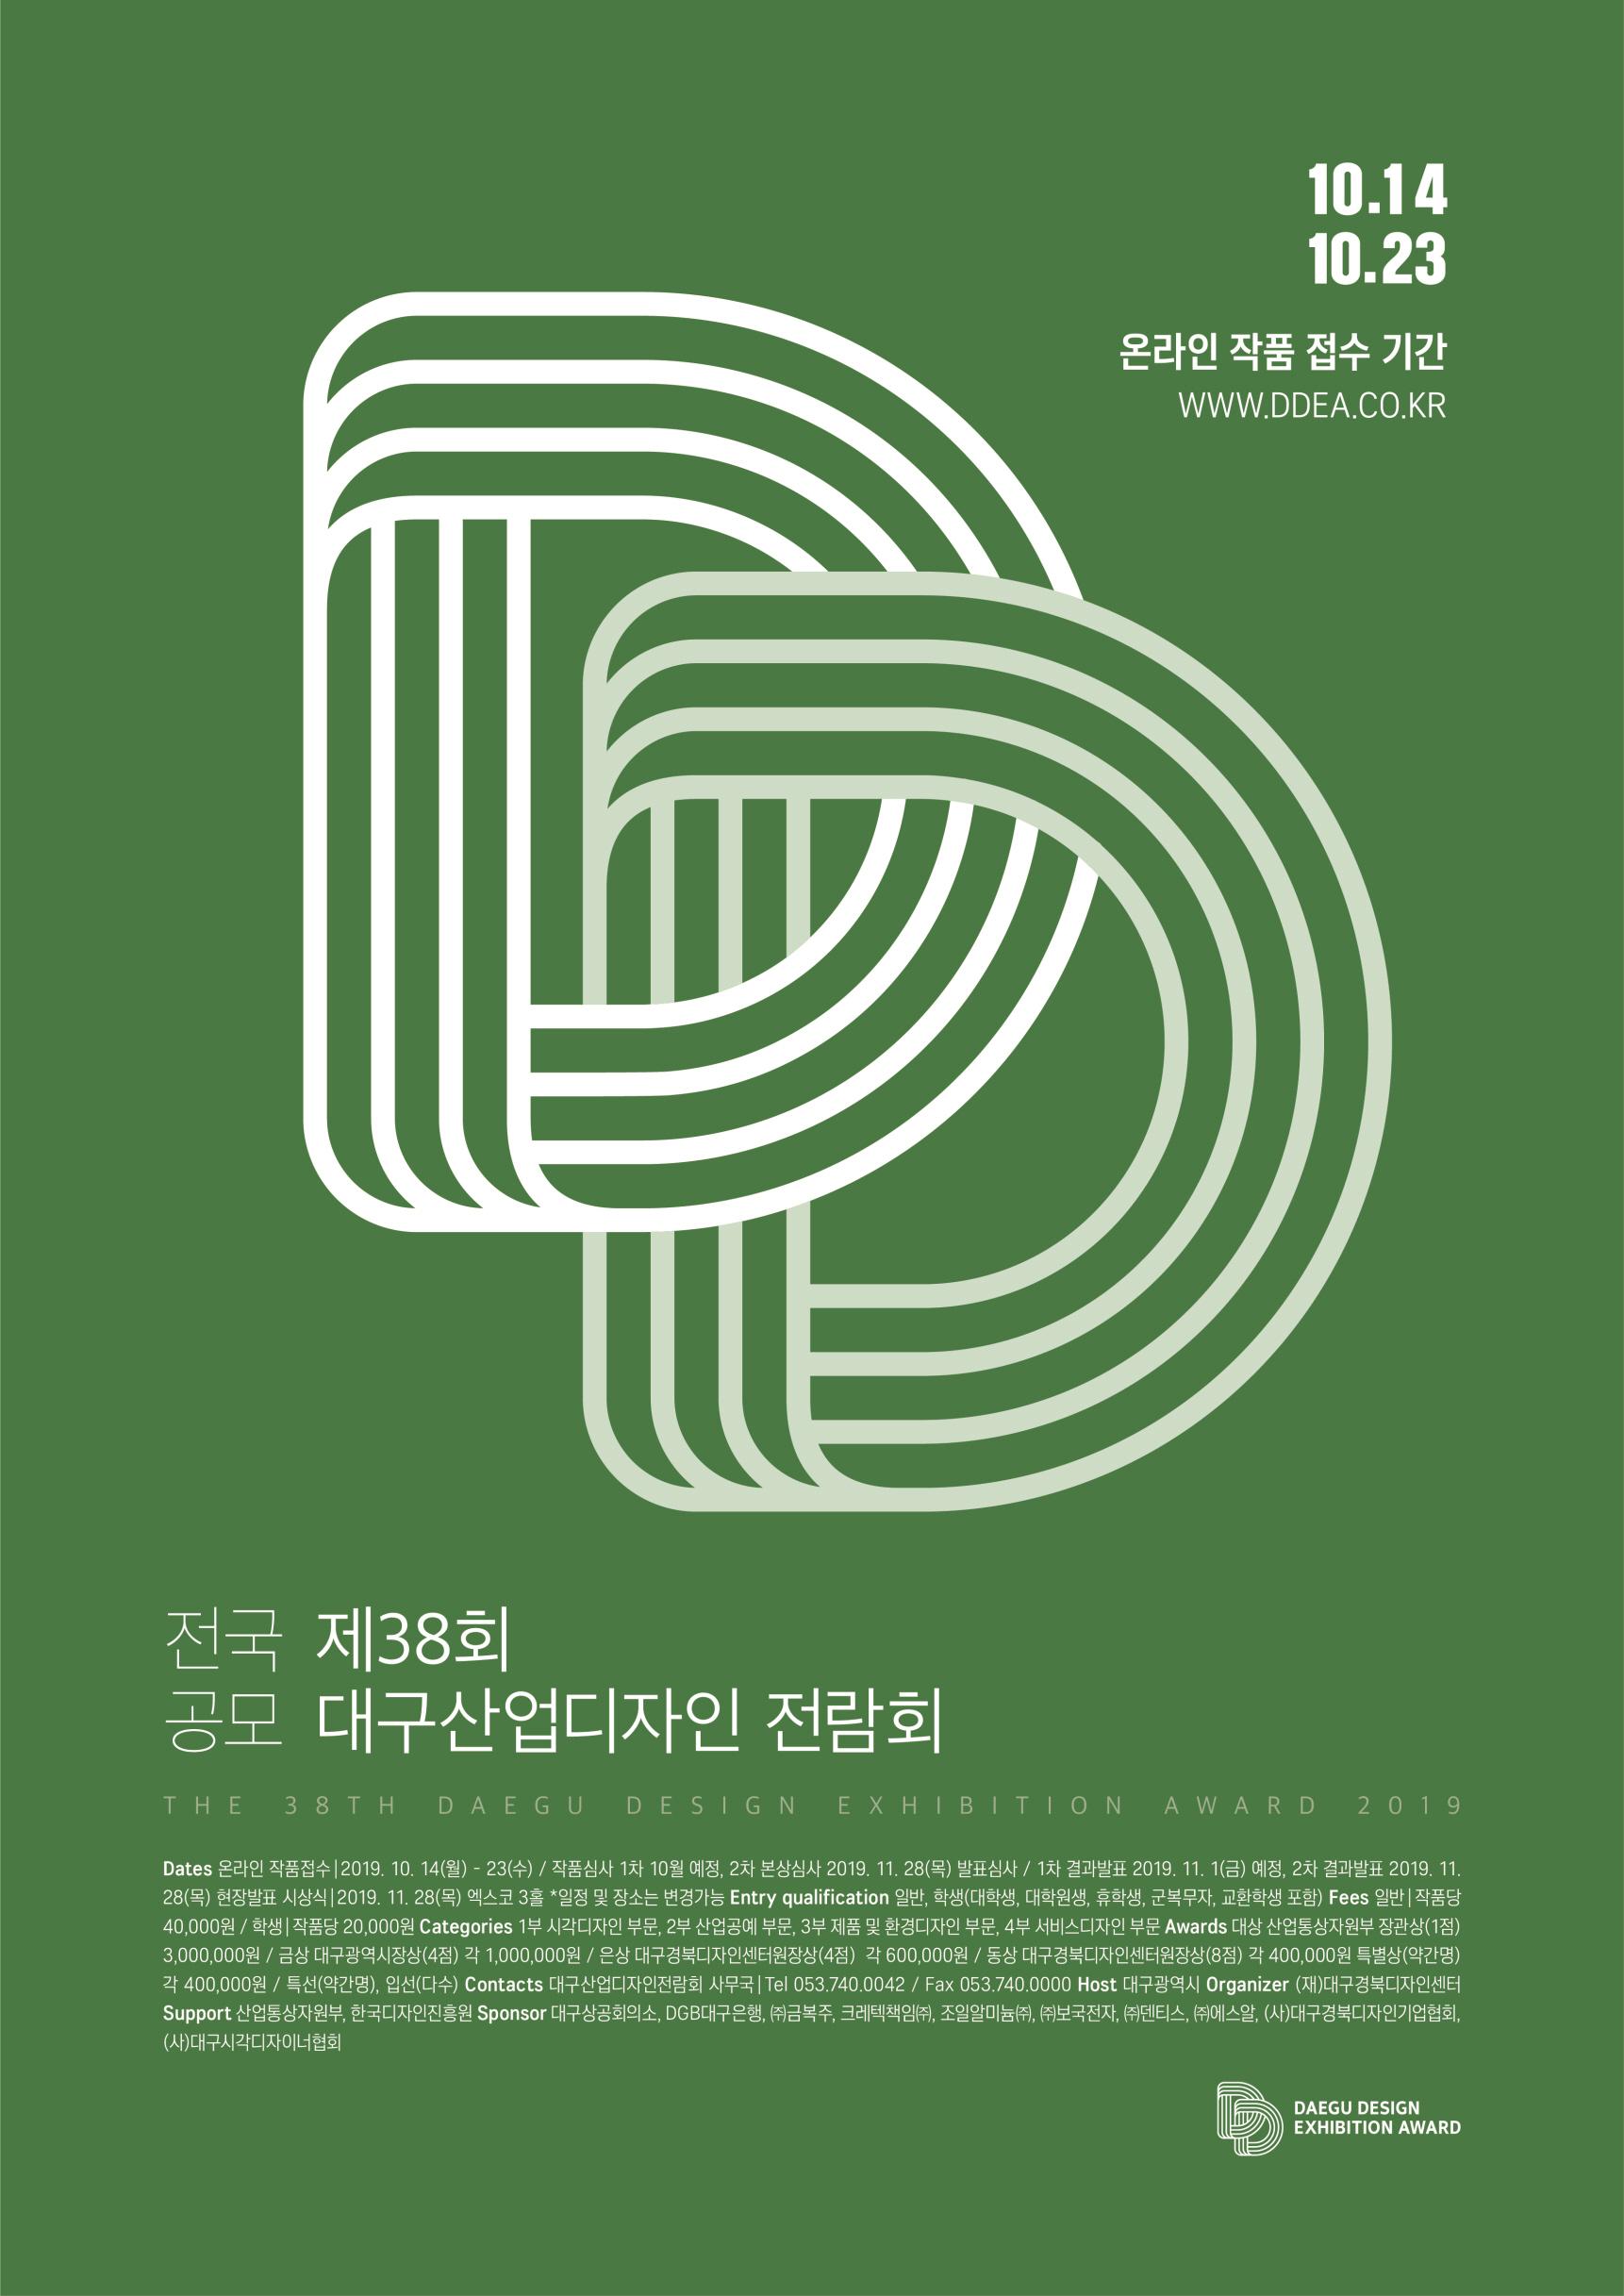 제38회 대구산업디자인 전람회